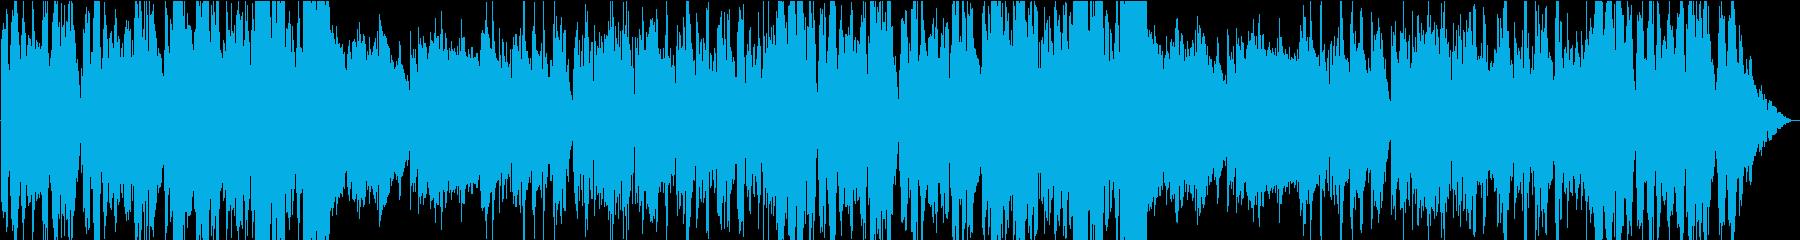 楽しく歌うような明るいメルヘンな曲の再生済みの波形